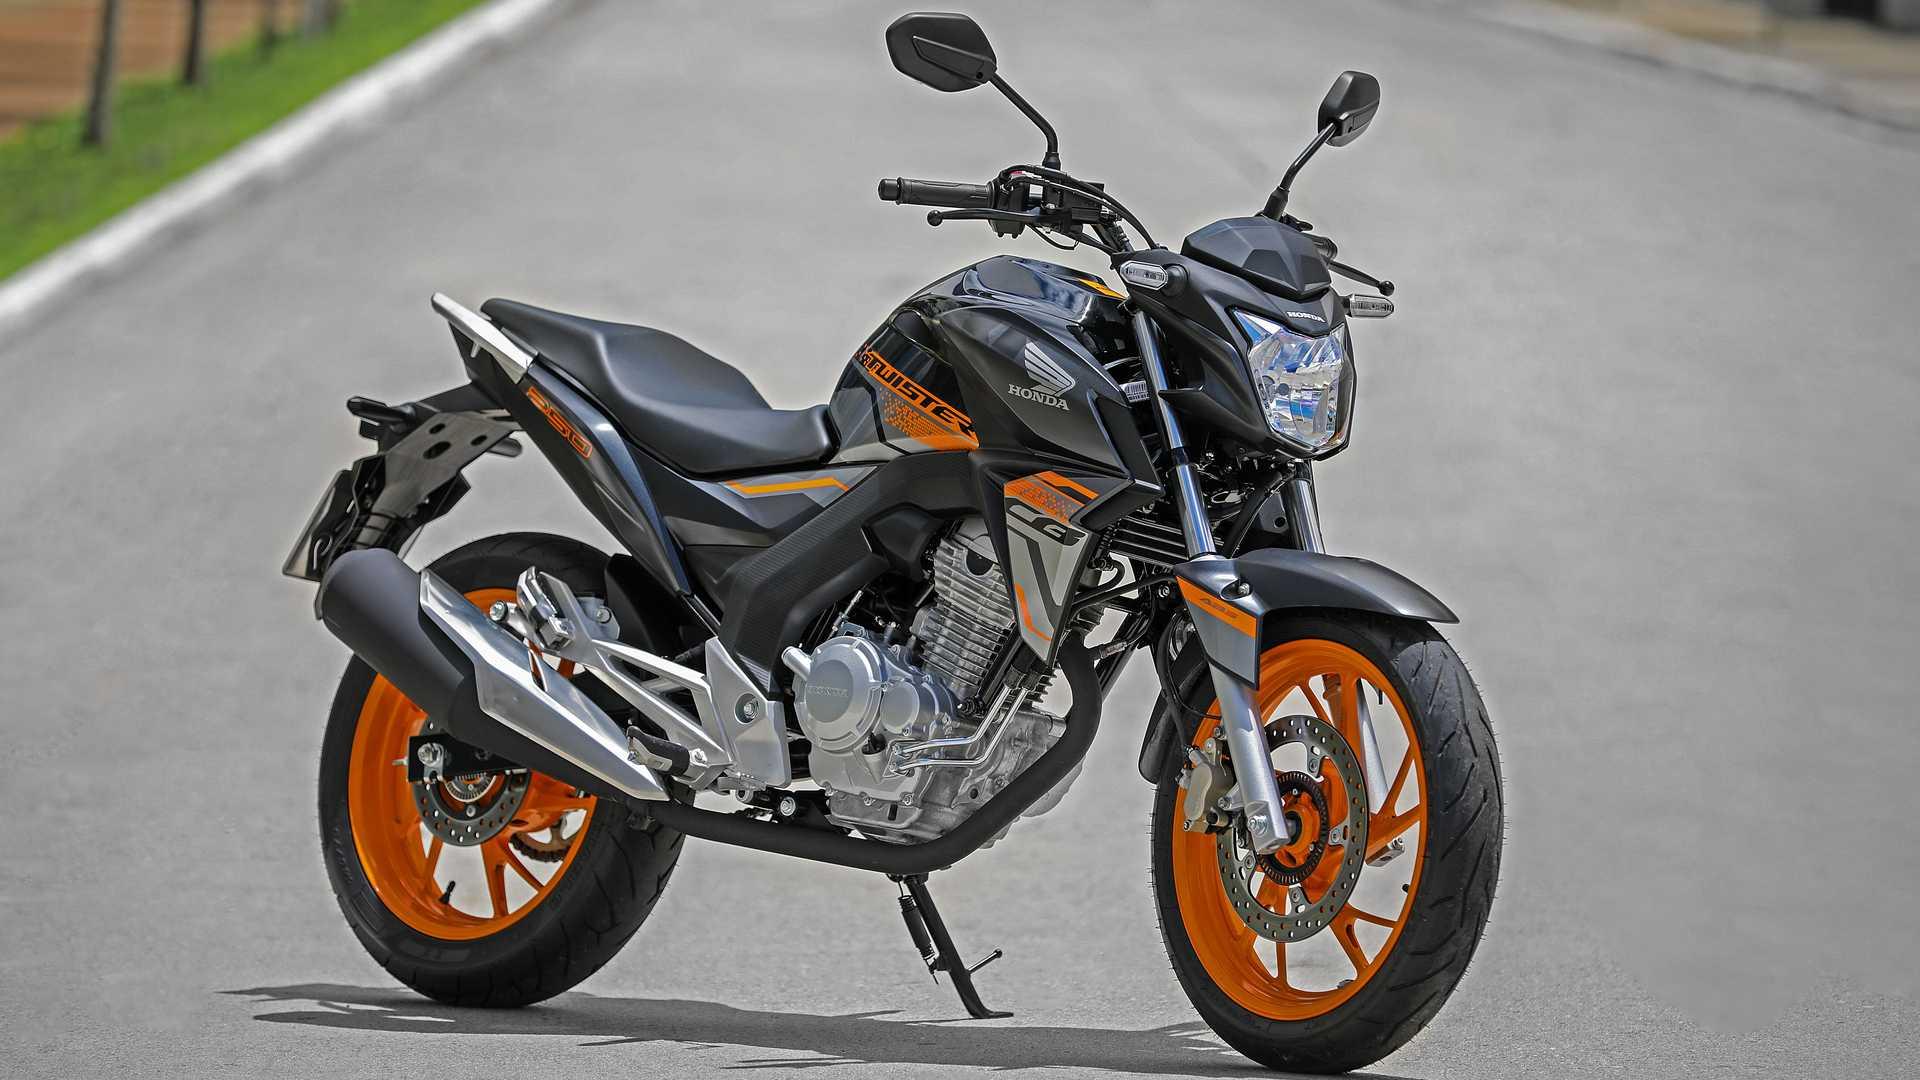 Honda CB 250 Twister SE 2020 é lançada e chega às lojas